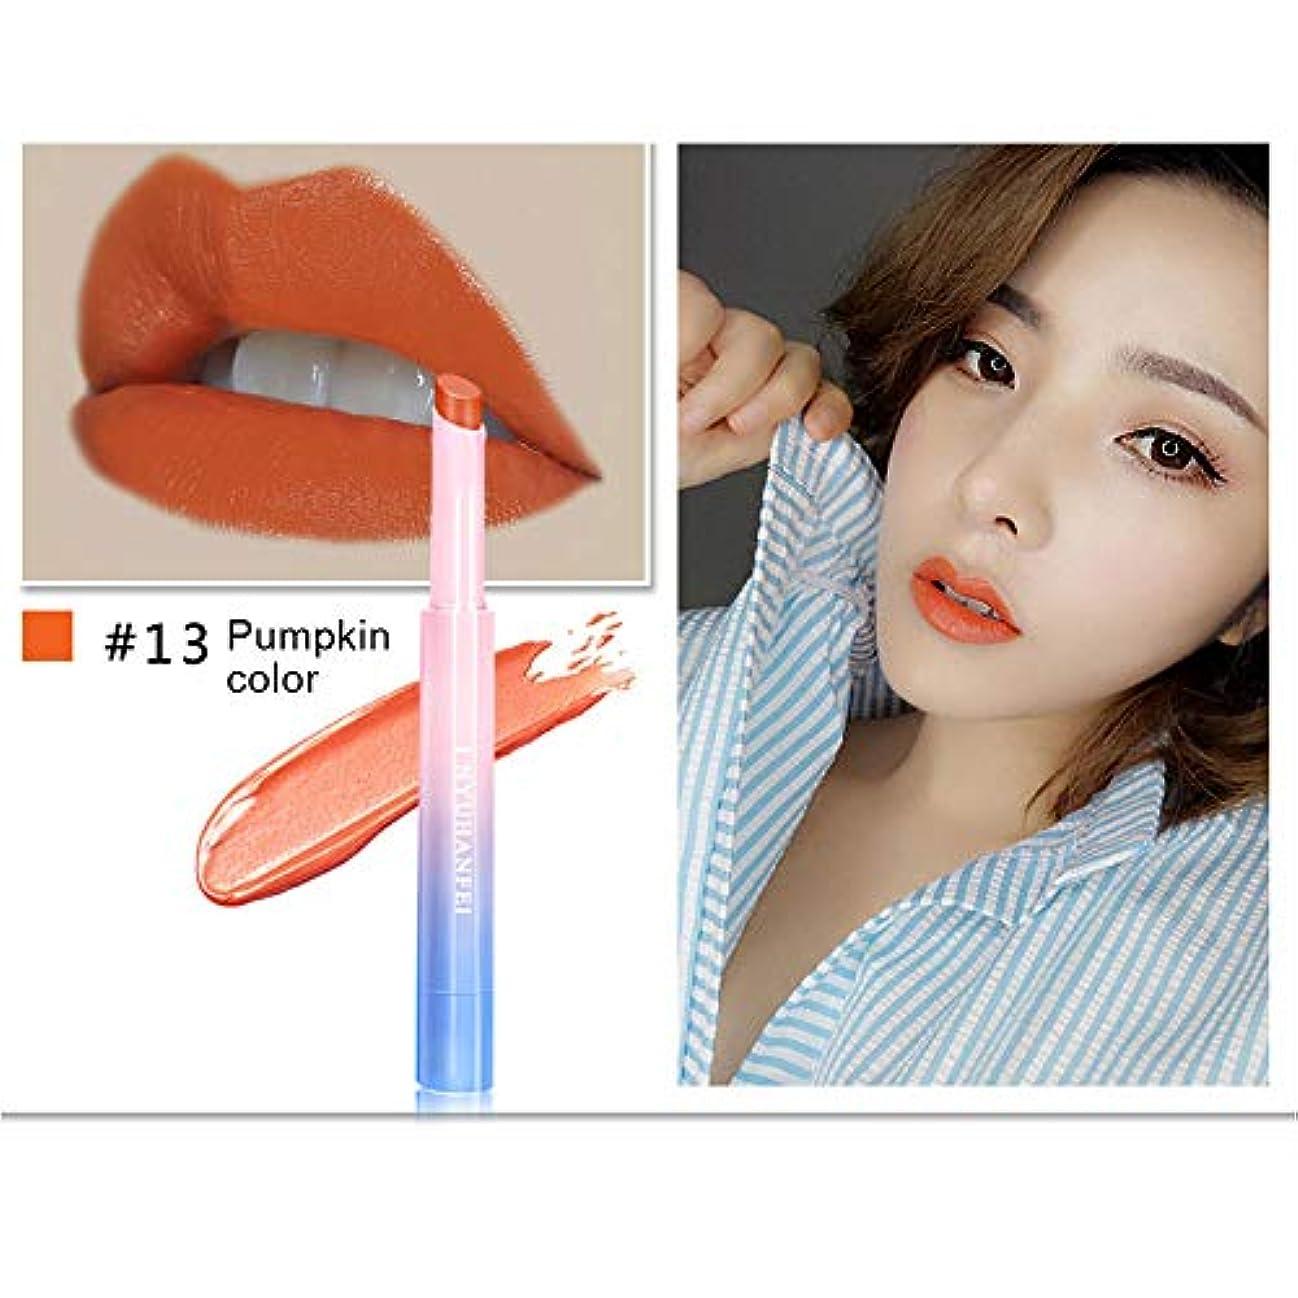 FGULモイスチャライザー口紅長続きがする口紅回転化粧品防水化粧品化粧品グラデーションカラー